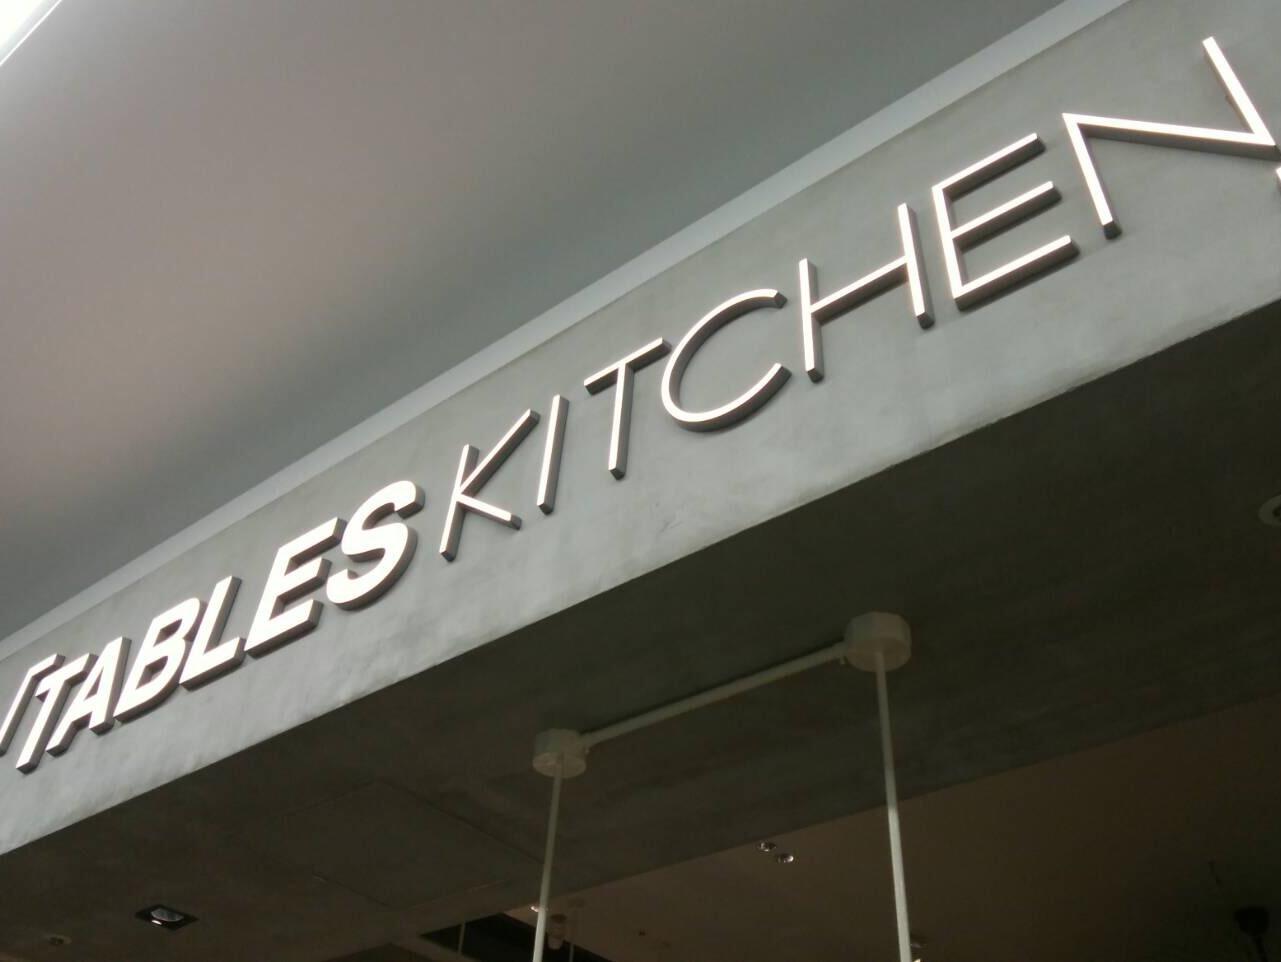 『タブレスキッチン』エキスポシティでティータイムにパンケーキを